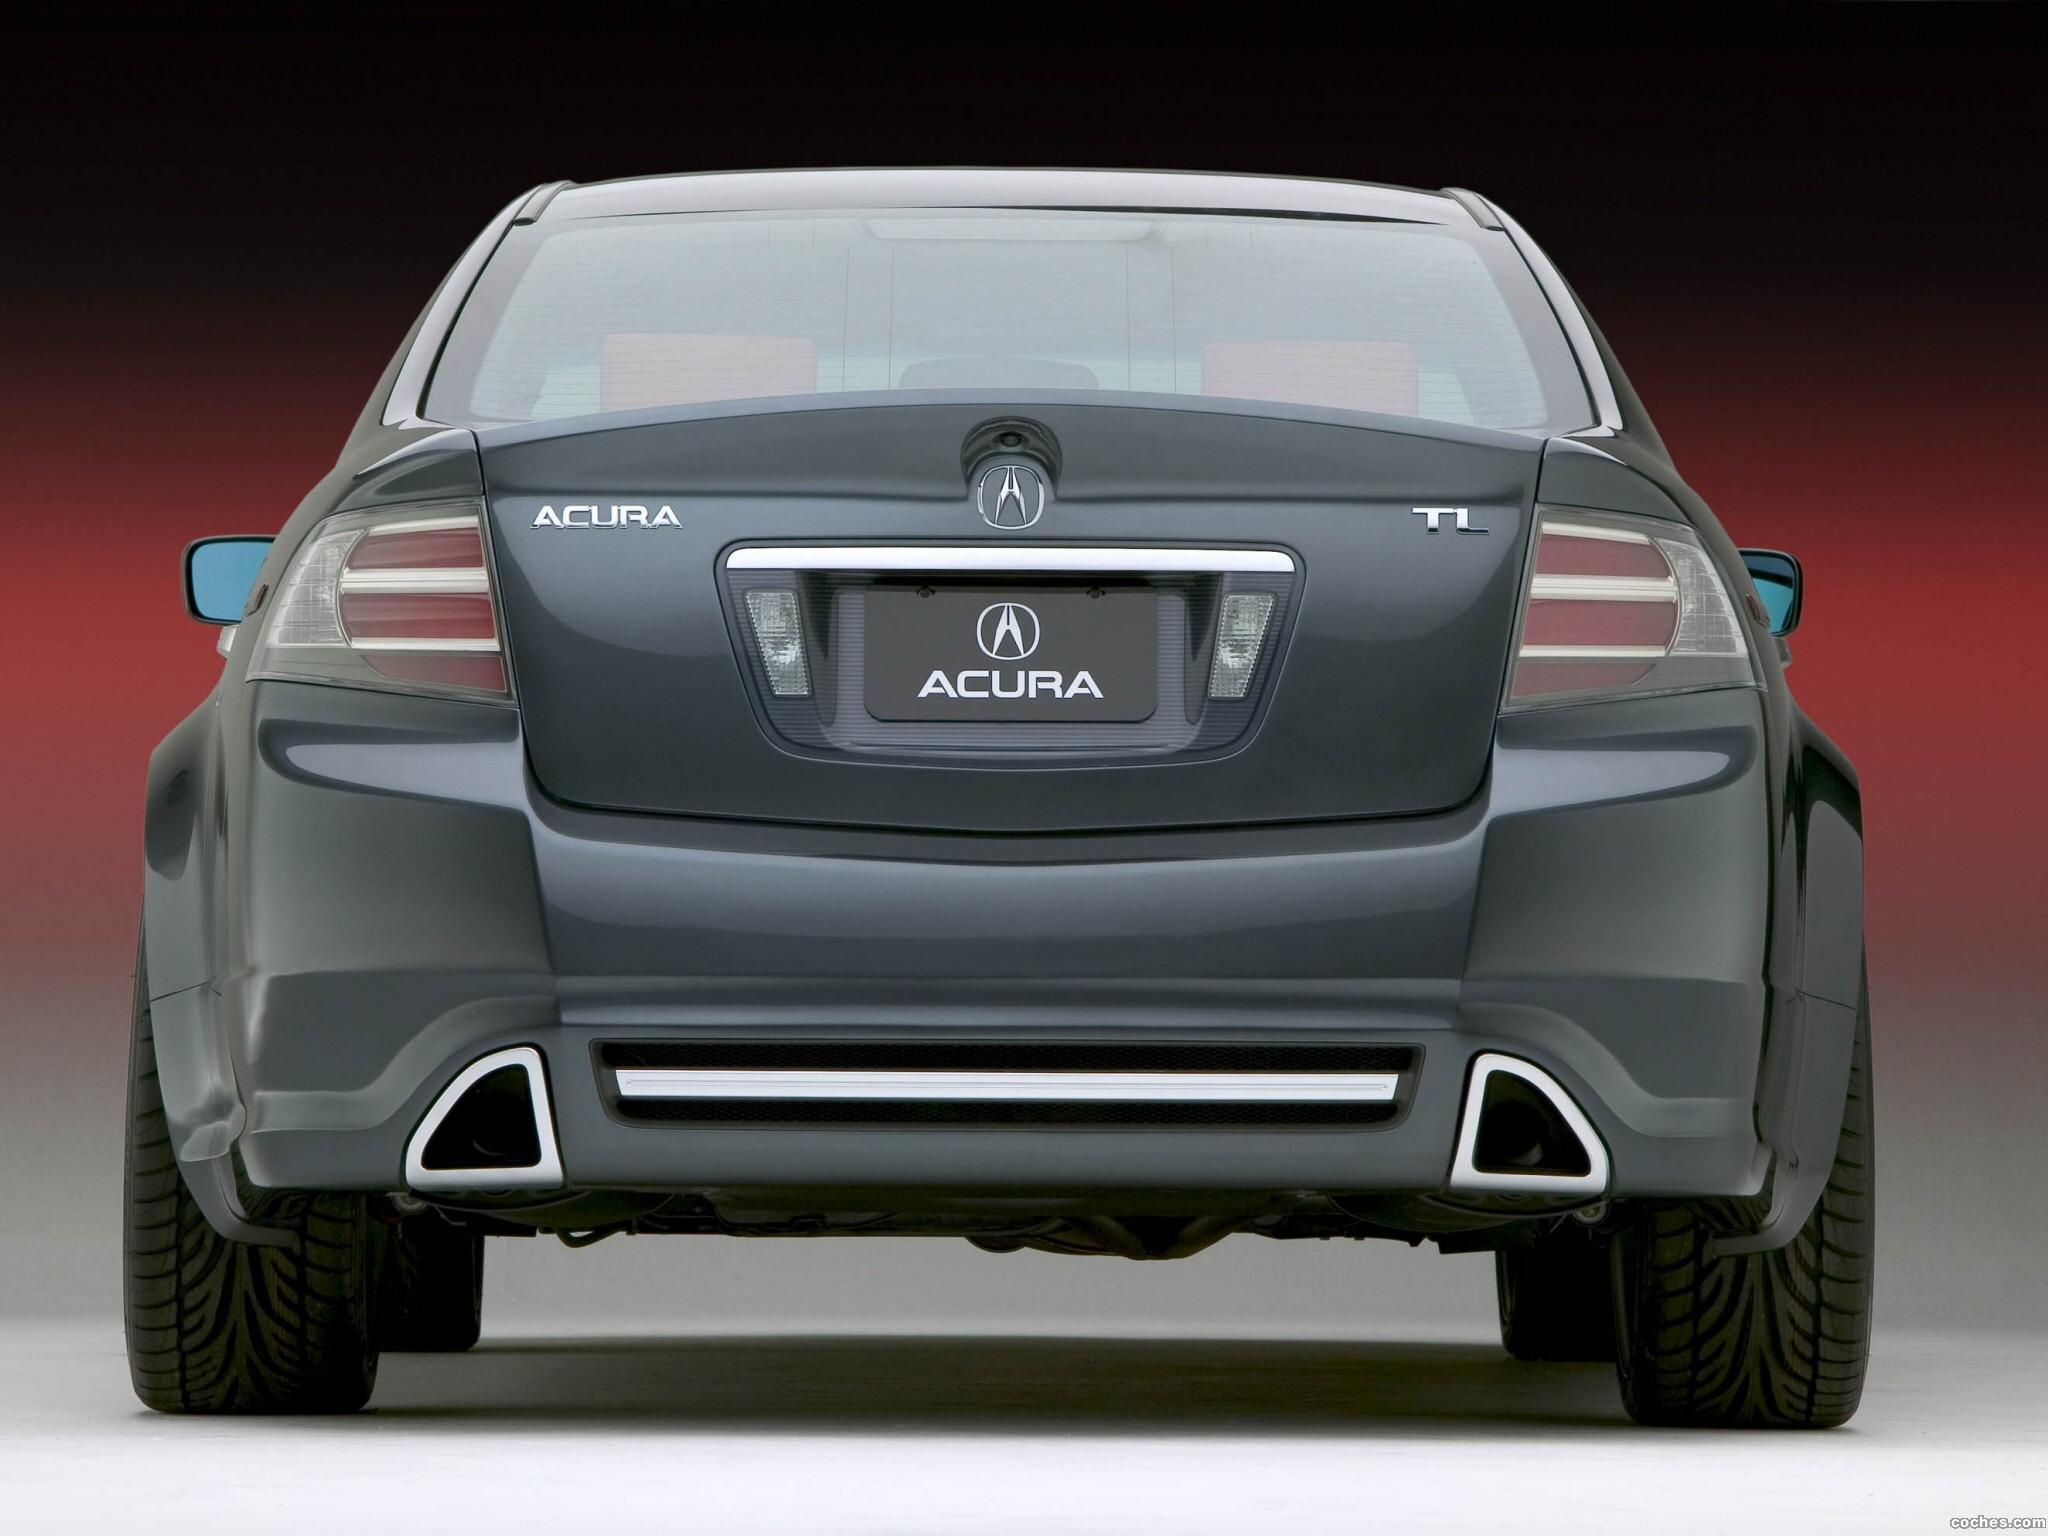 Foto 11 de Acura TL A-Spec Concept 2003